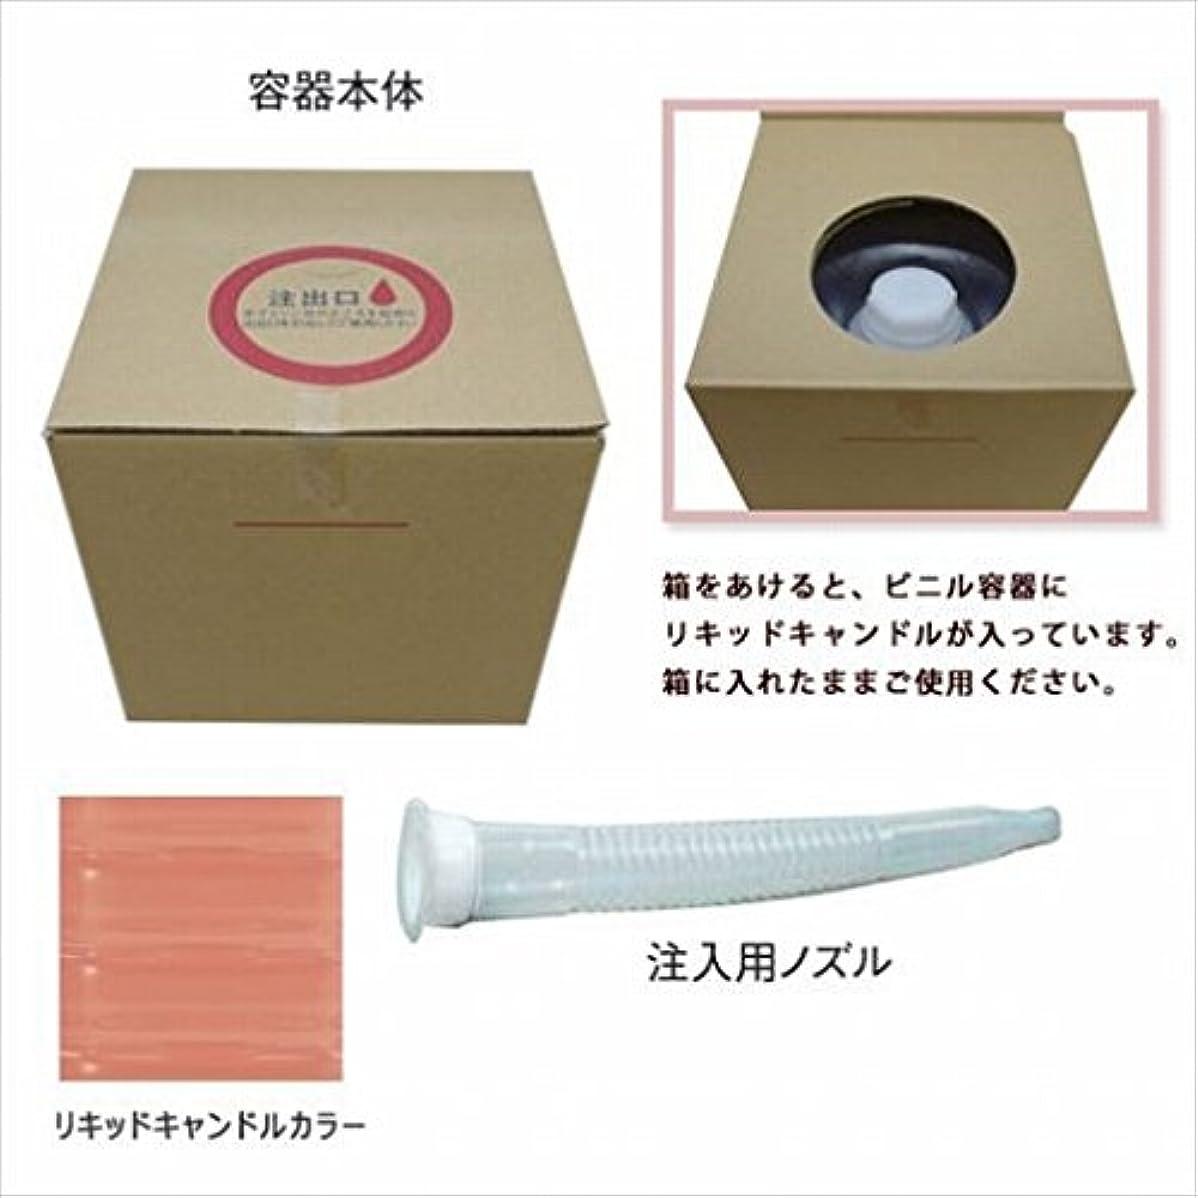 雇用一興奮するカメヤマキャンドル( kameyama candle ) リキッドキャンドル5リットル 「 ピンクゴールド 」